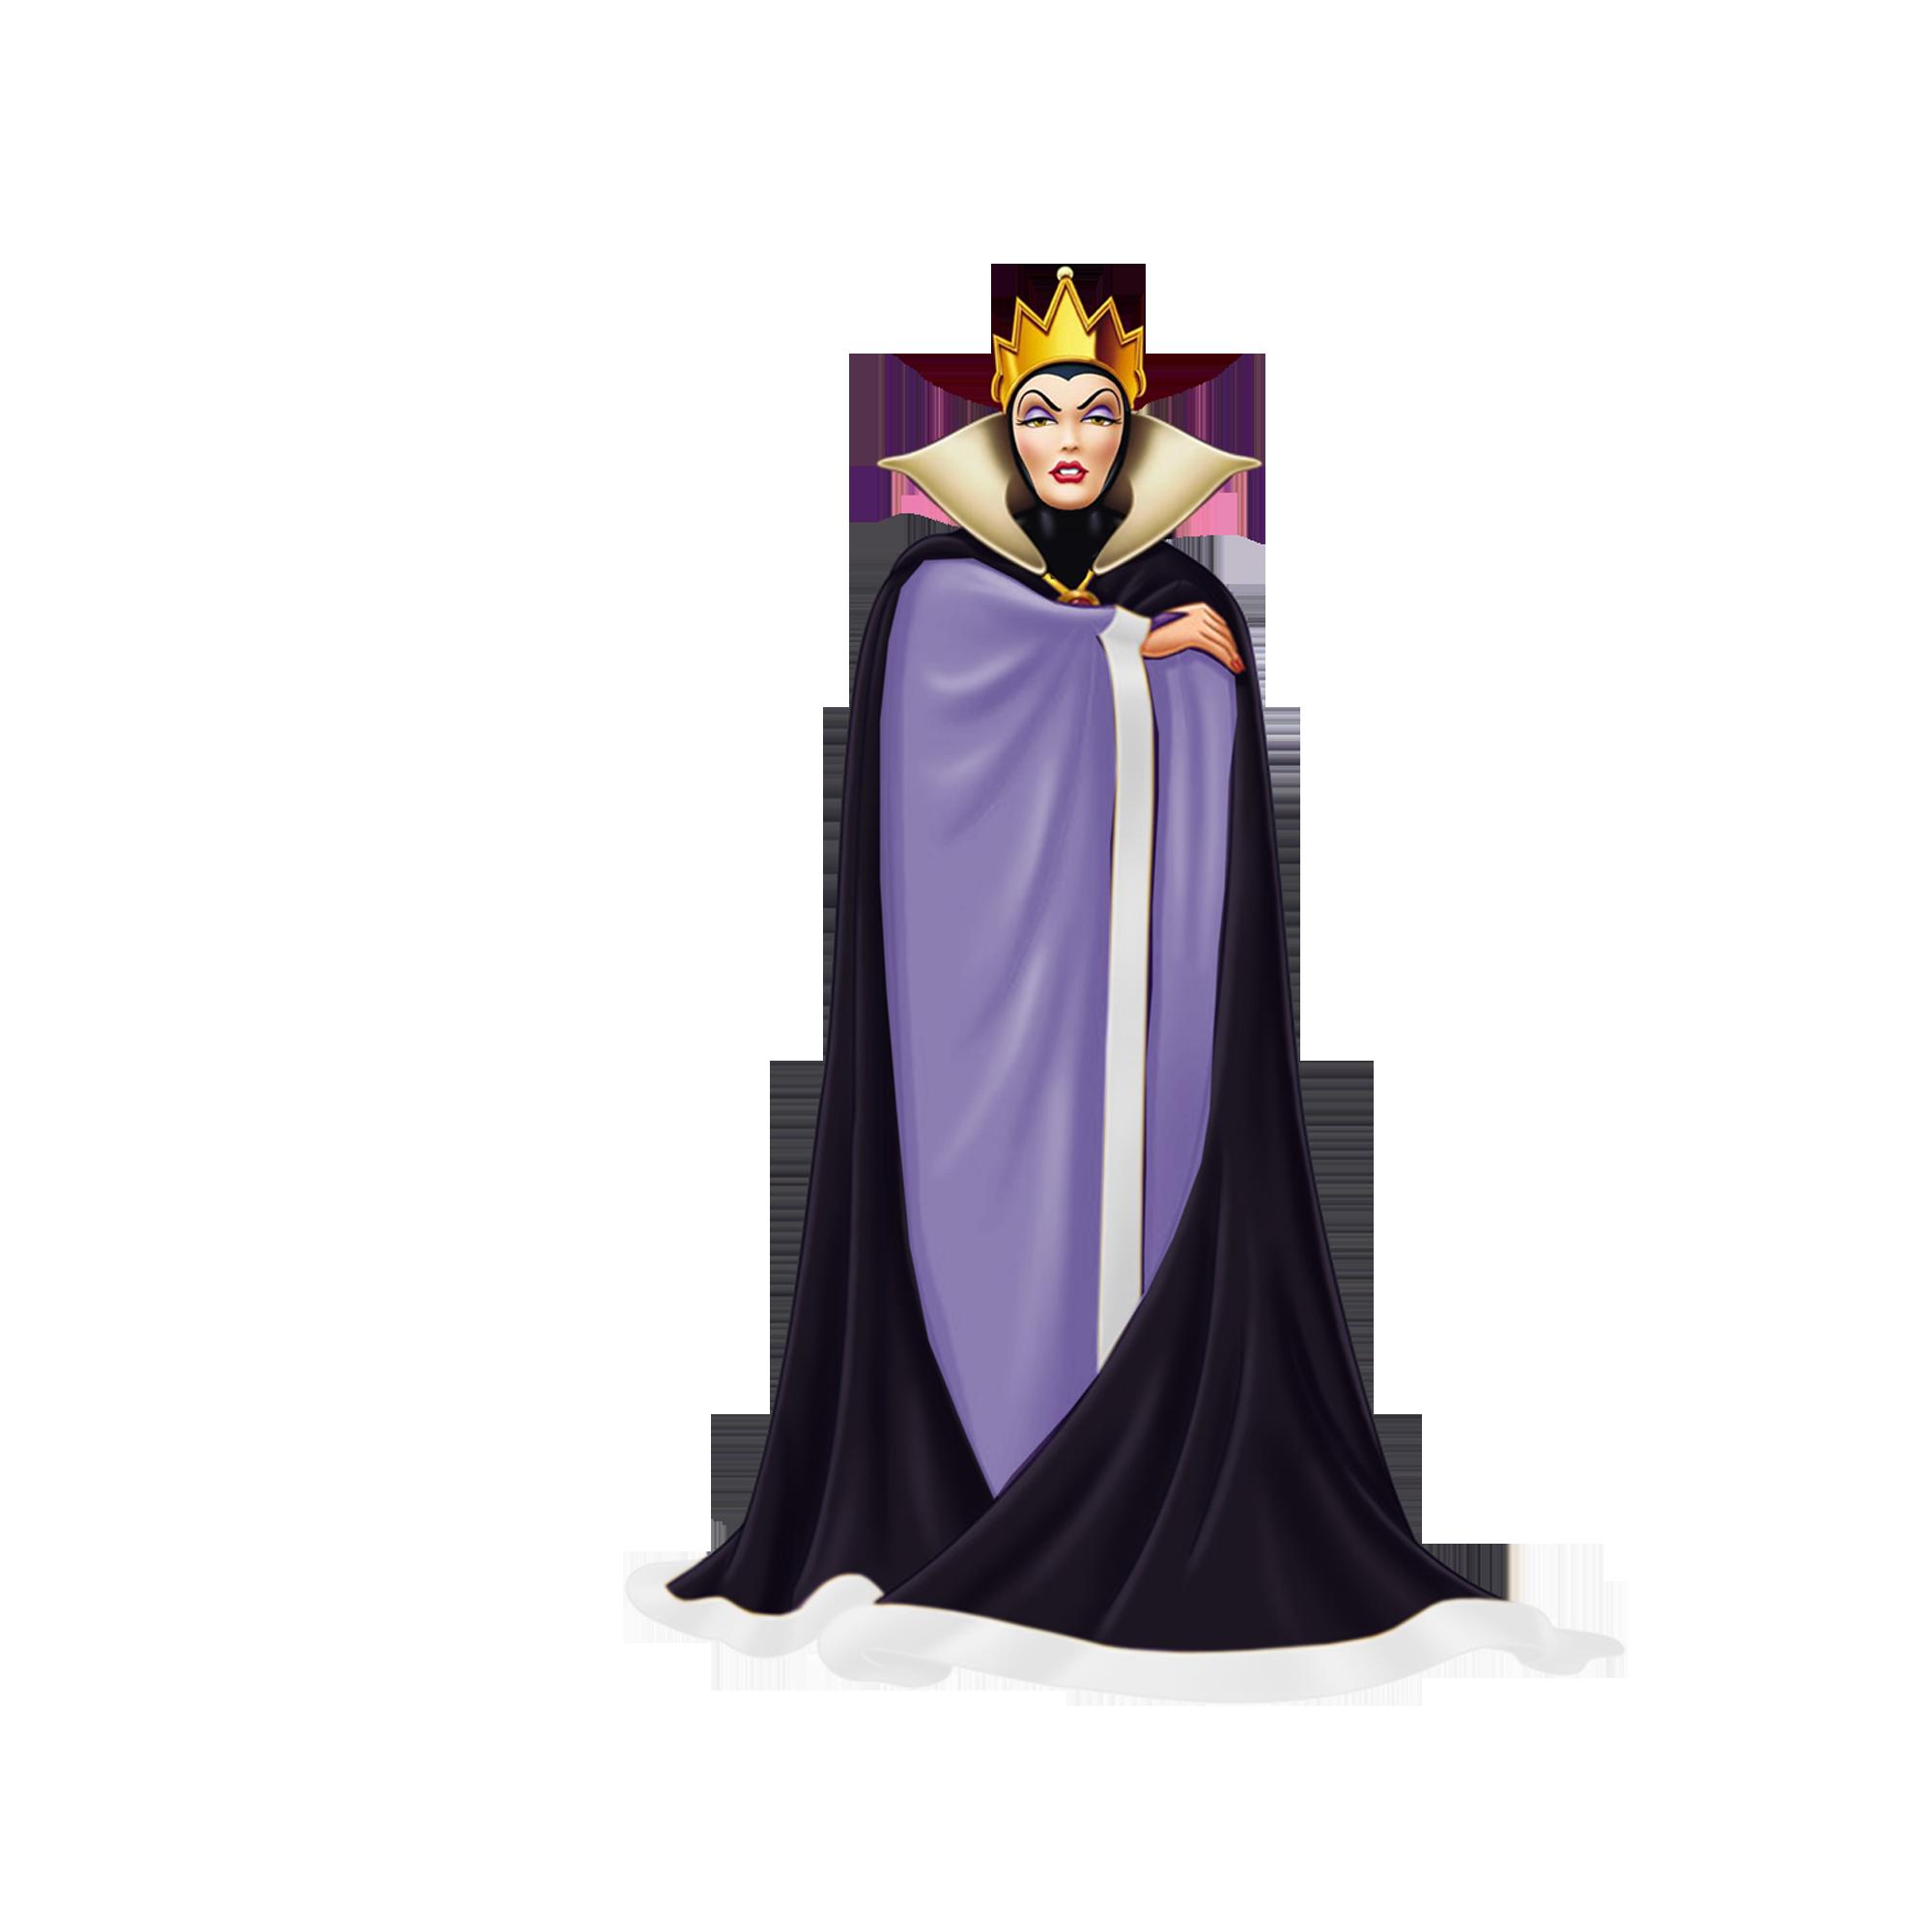 Image - Queen.png - DisneyWiki